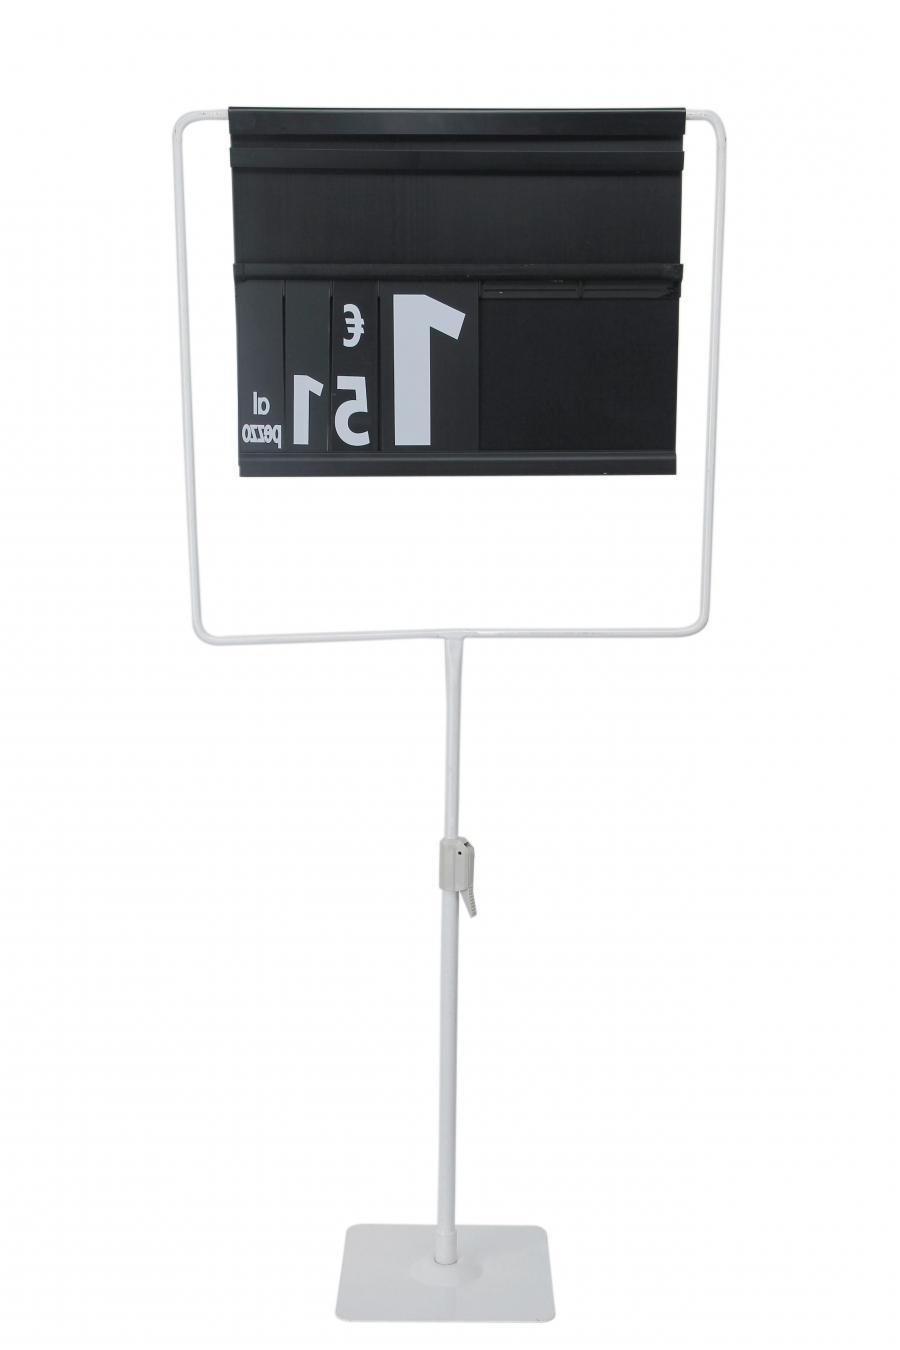 floor standing photo frames for screens. Black Bedroom Furniture Sets. Home Design Ideas